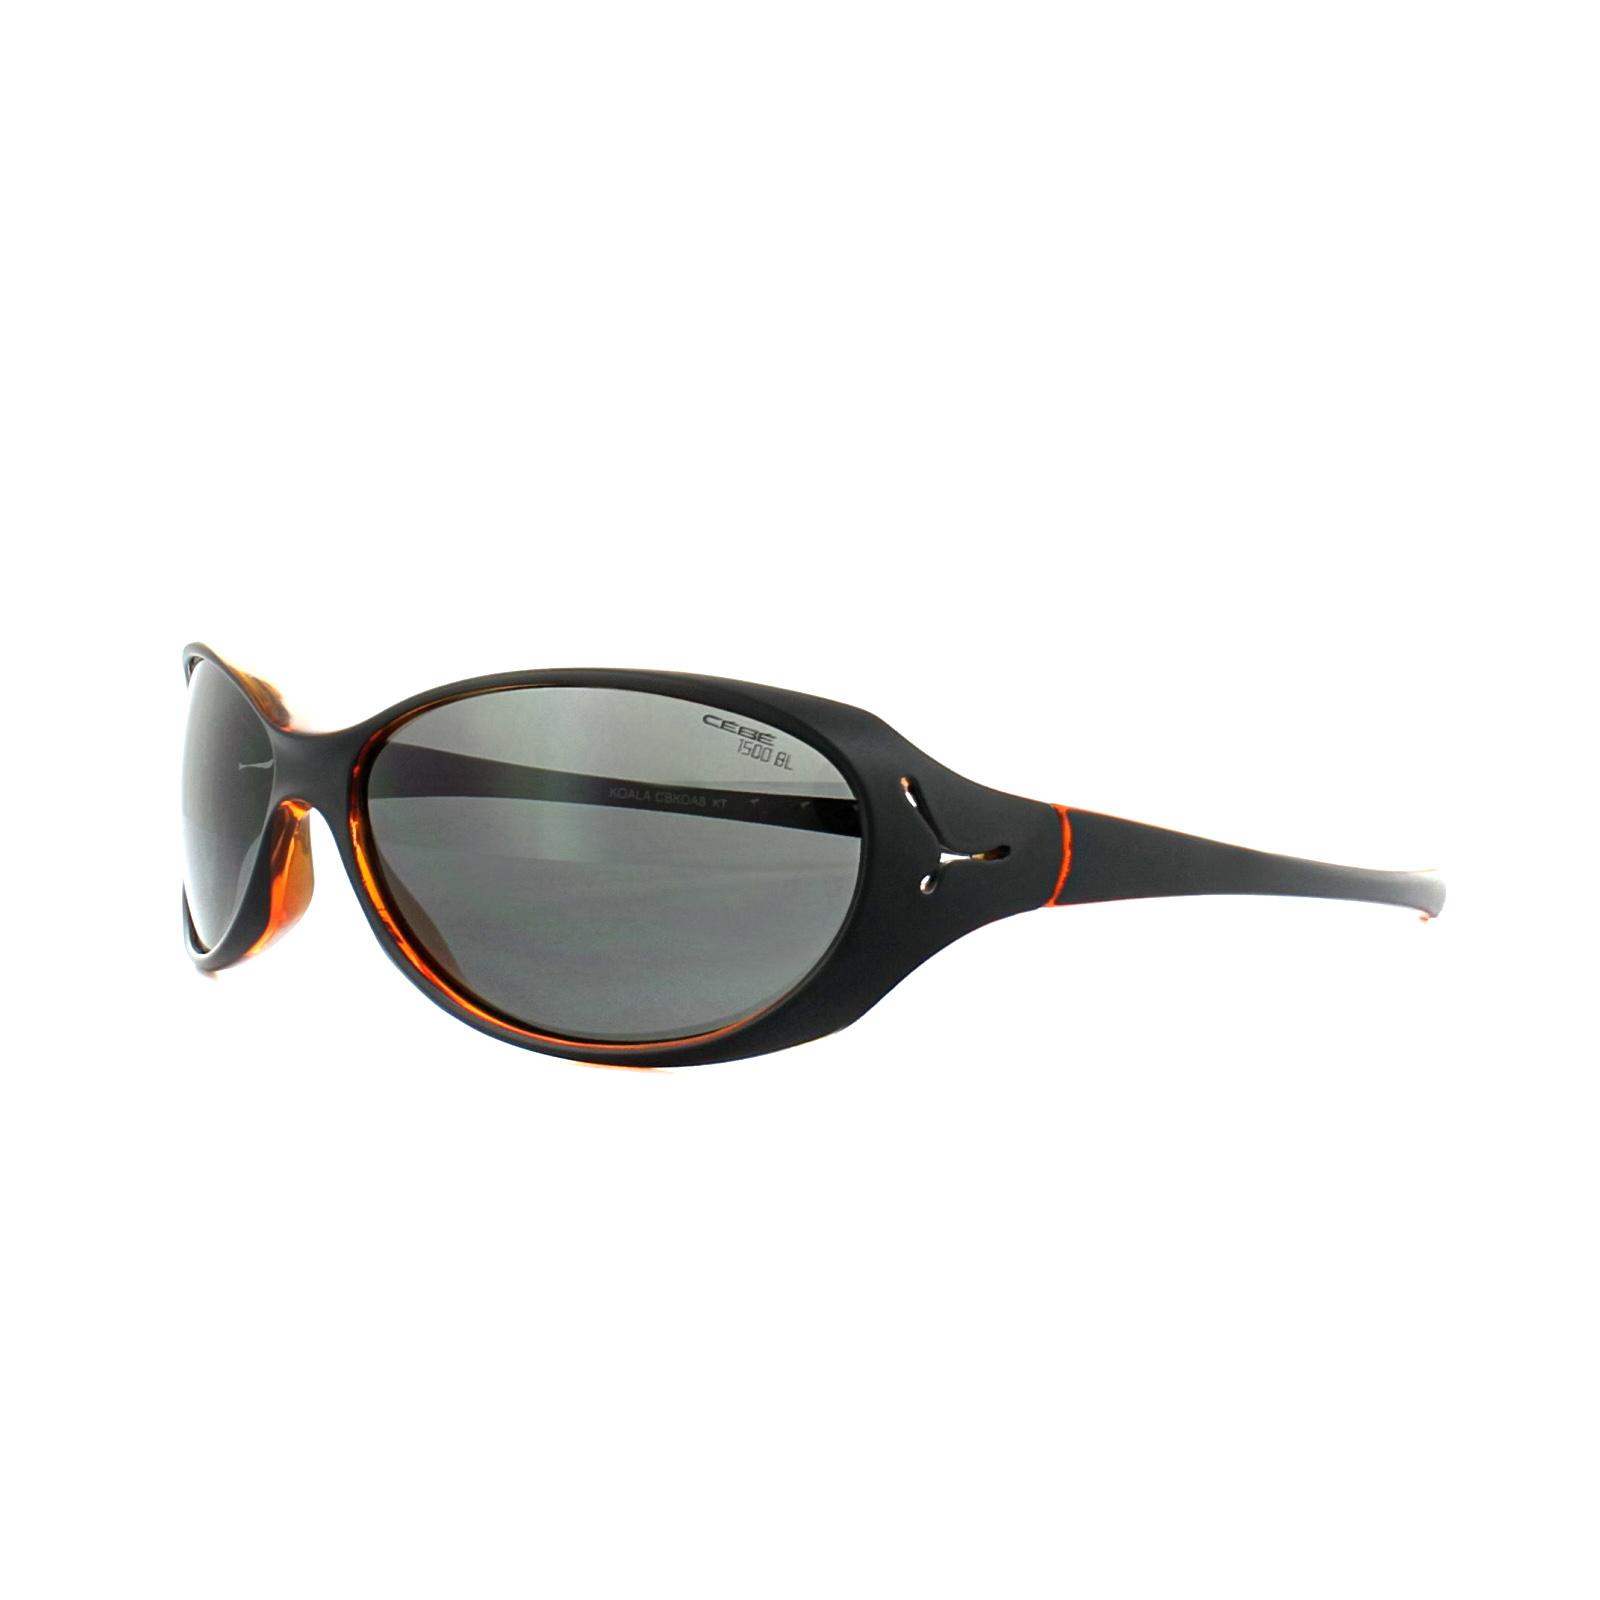 4e3efac06d CENTINELA Cebe Junior gafas de sol Koala CBKOA8 mate negro naranja 1500  gris PC luz azul